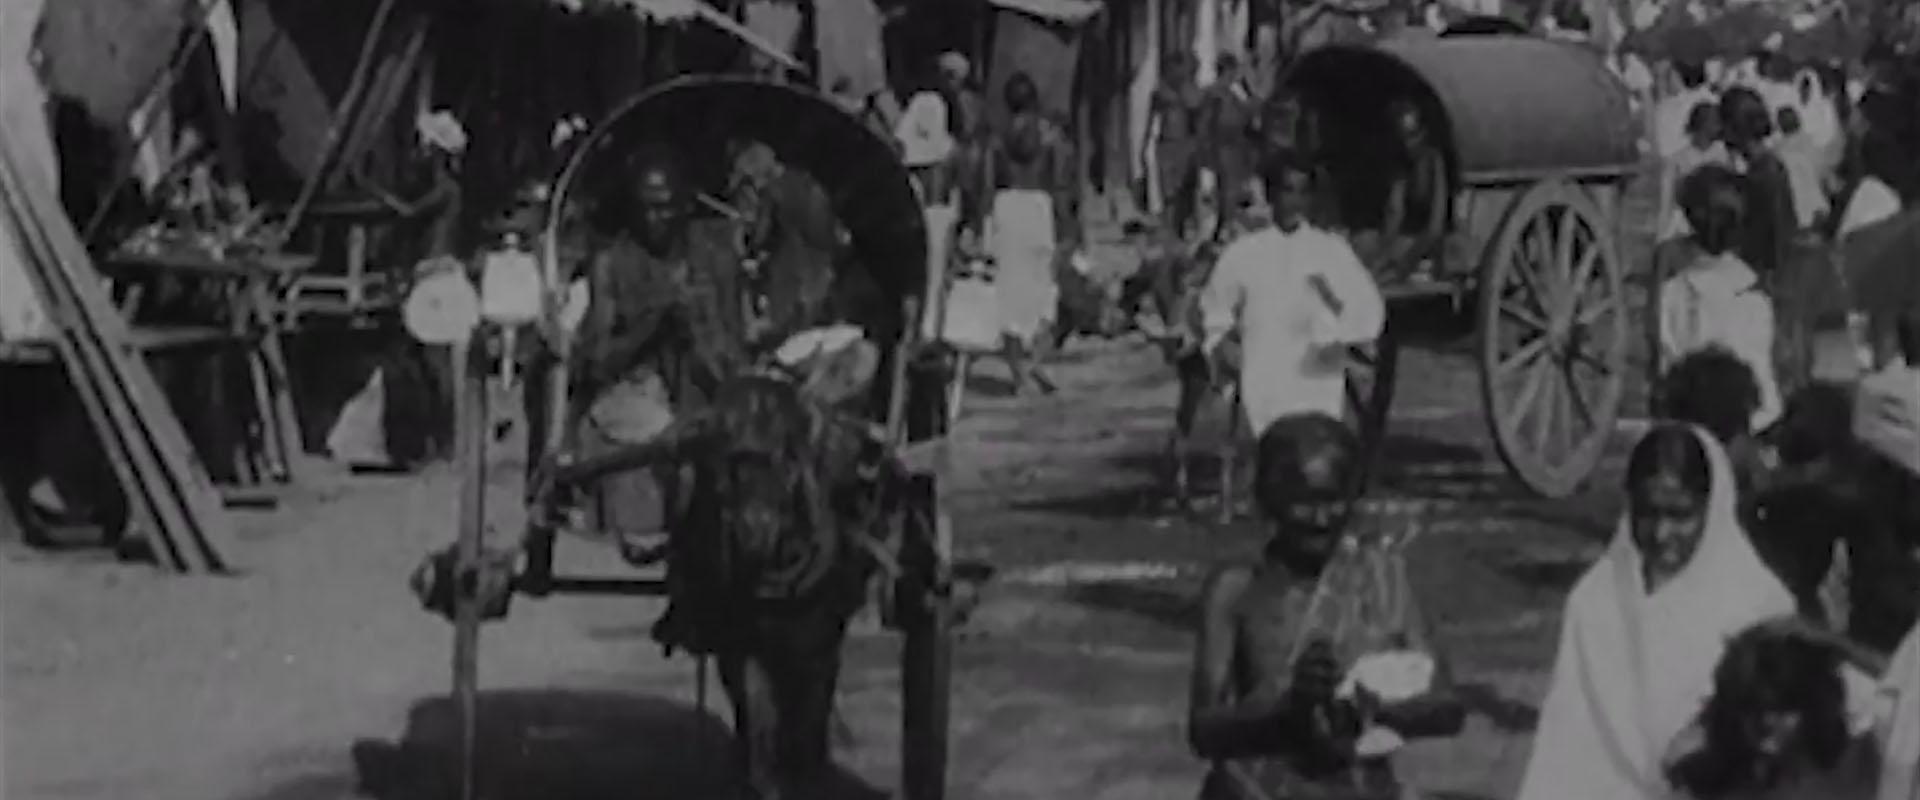 Bannière de l'Inde sur pellicule : 1899-1947